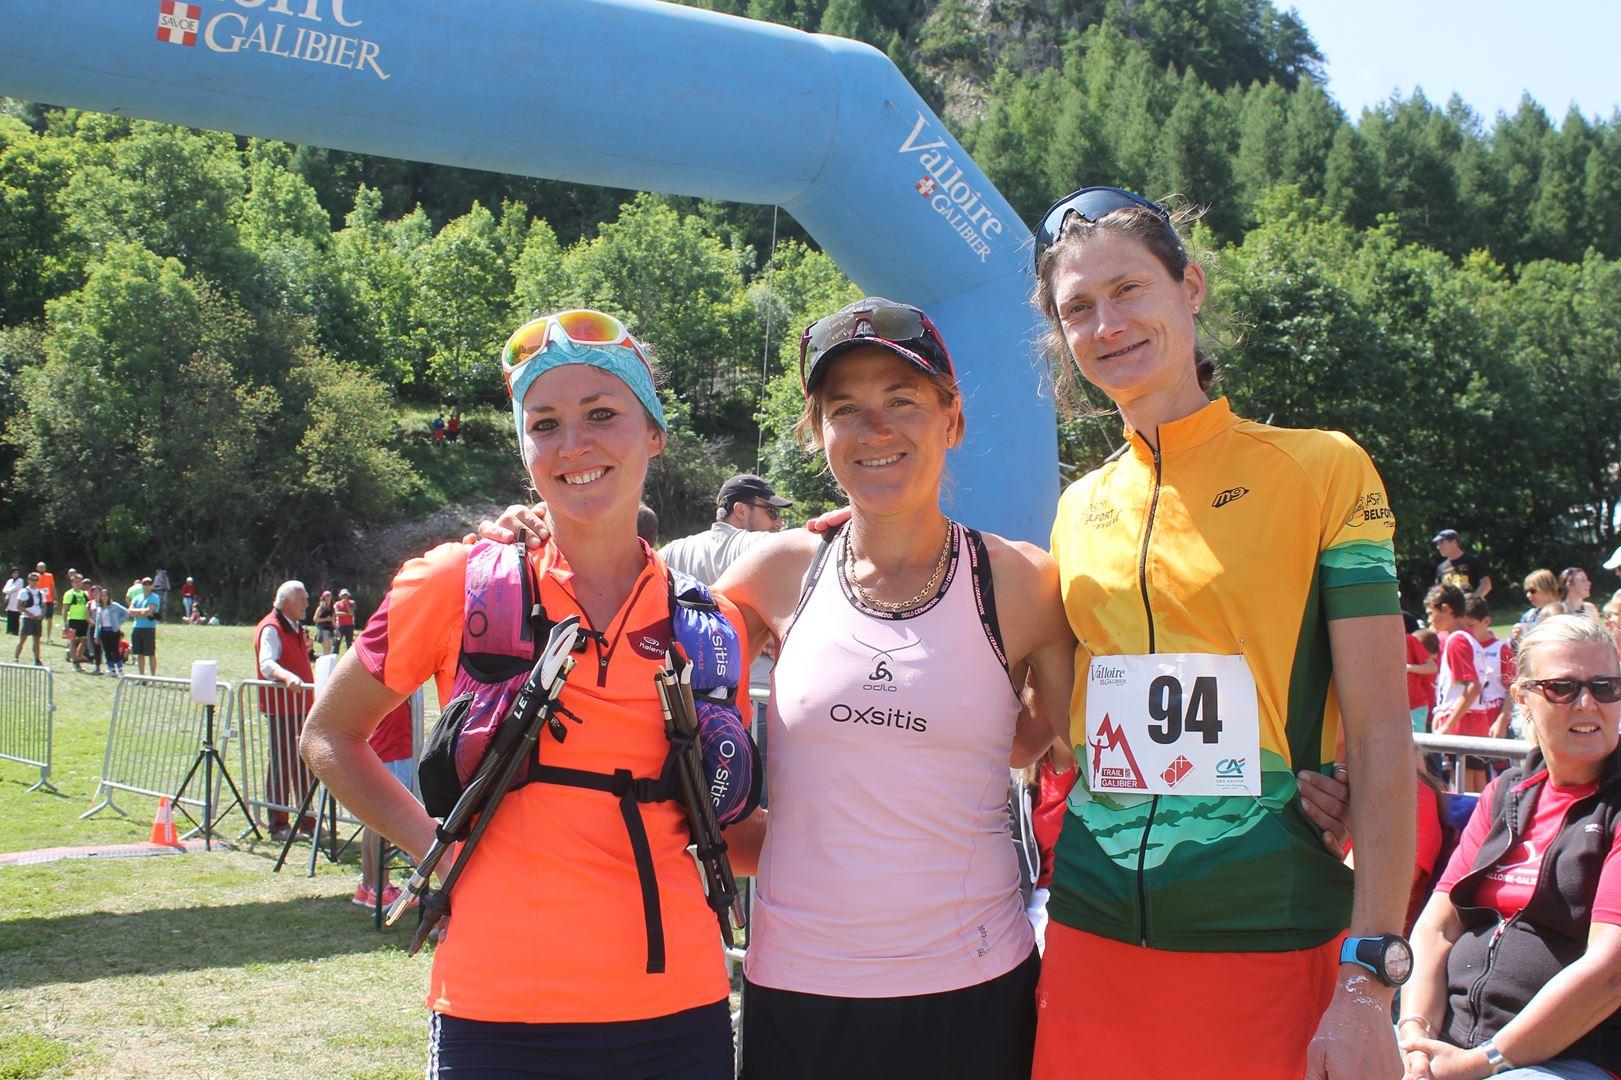 Podium femmes du 46km - RESULTATS DU 9EME TRAIL DU GALIBIER (VALLOIRE 73) 20-08-2017